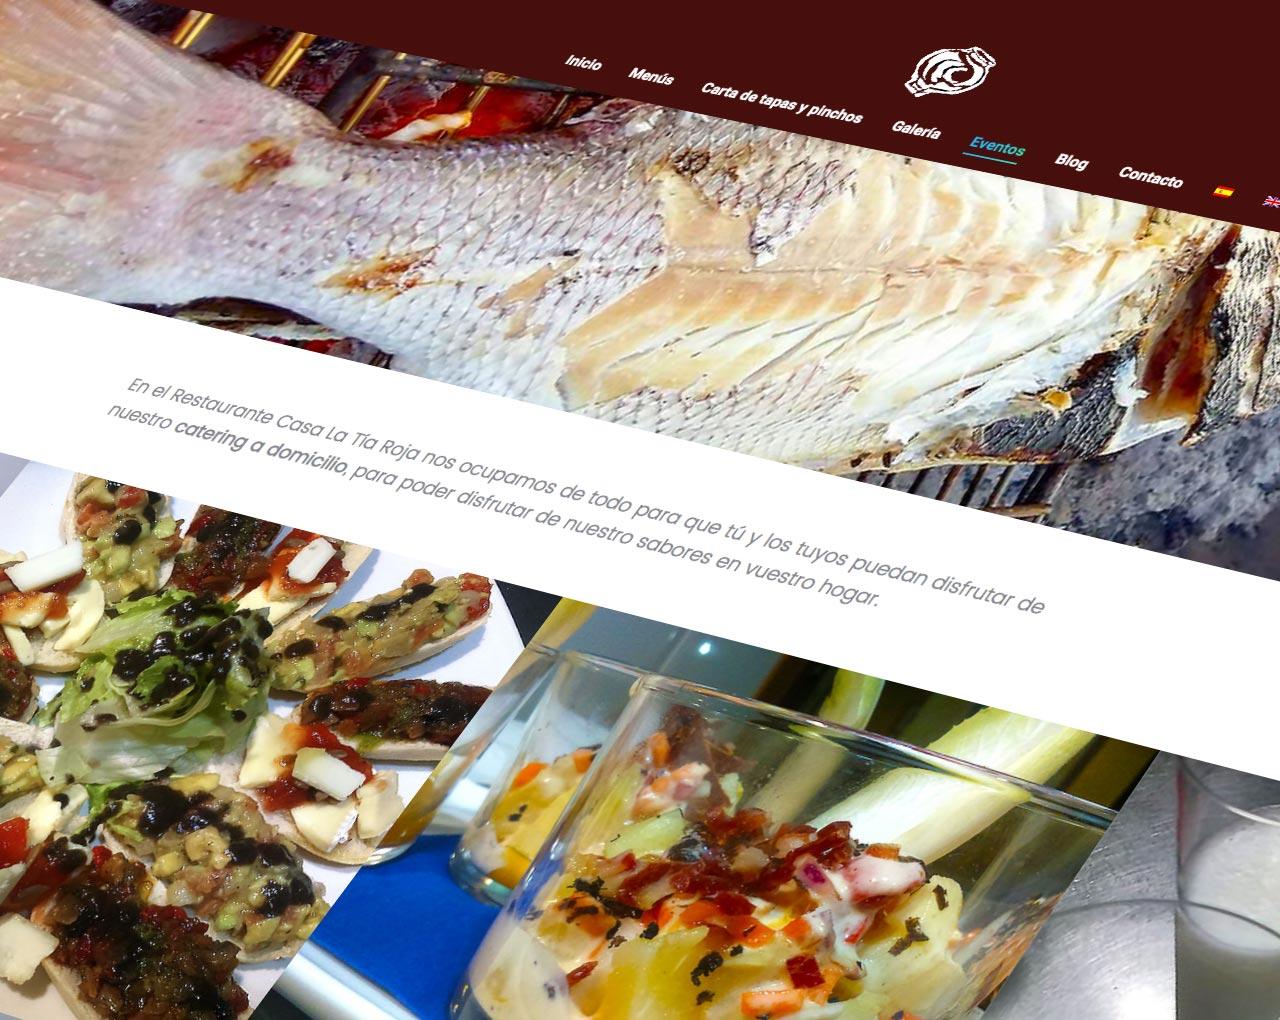 estudio de diseño grafico y web en murcia, restaurante casa la tia roja